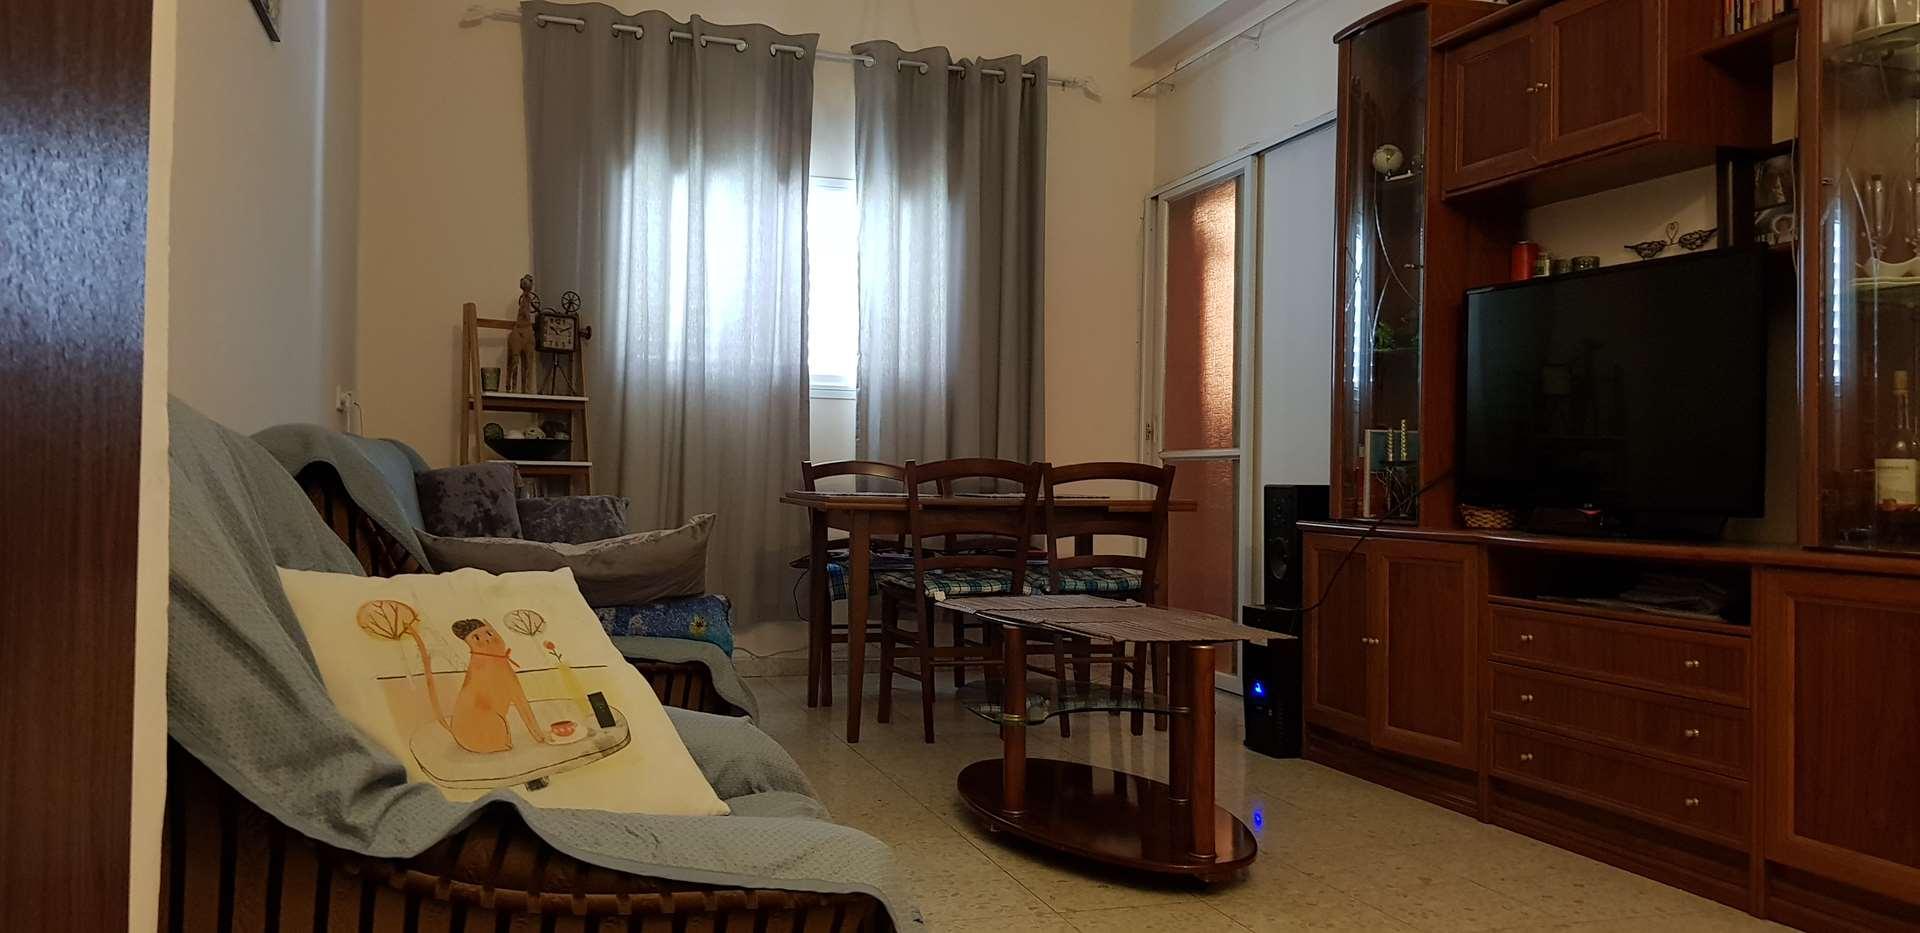 תוספת דירות להשכרה בהדר עליון | דירות להשכרה בחיפה | הומלס EN-01